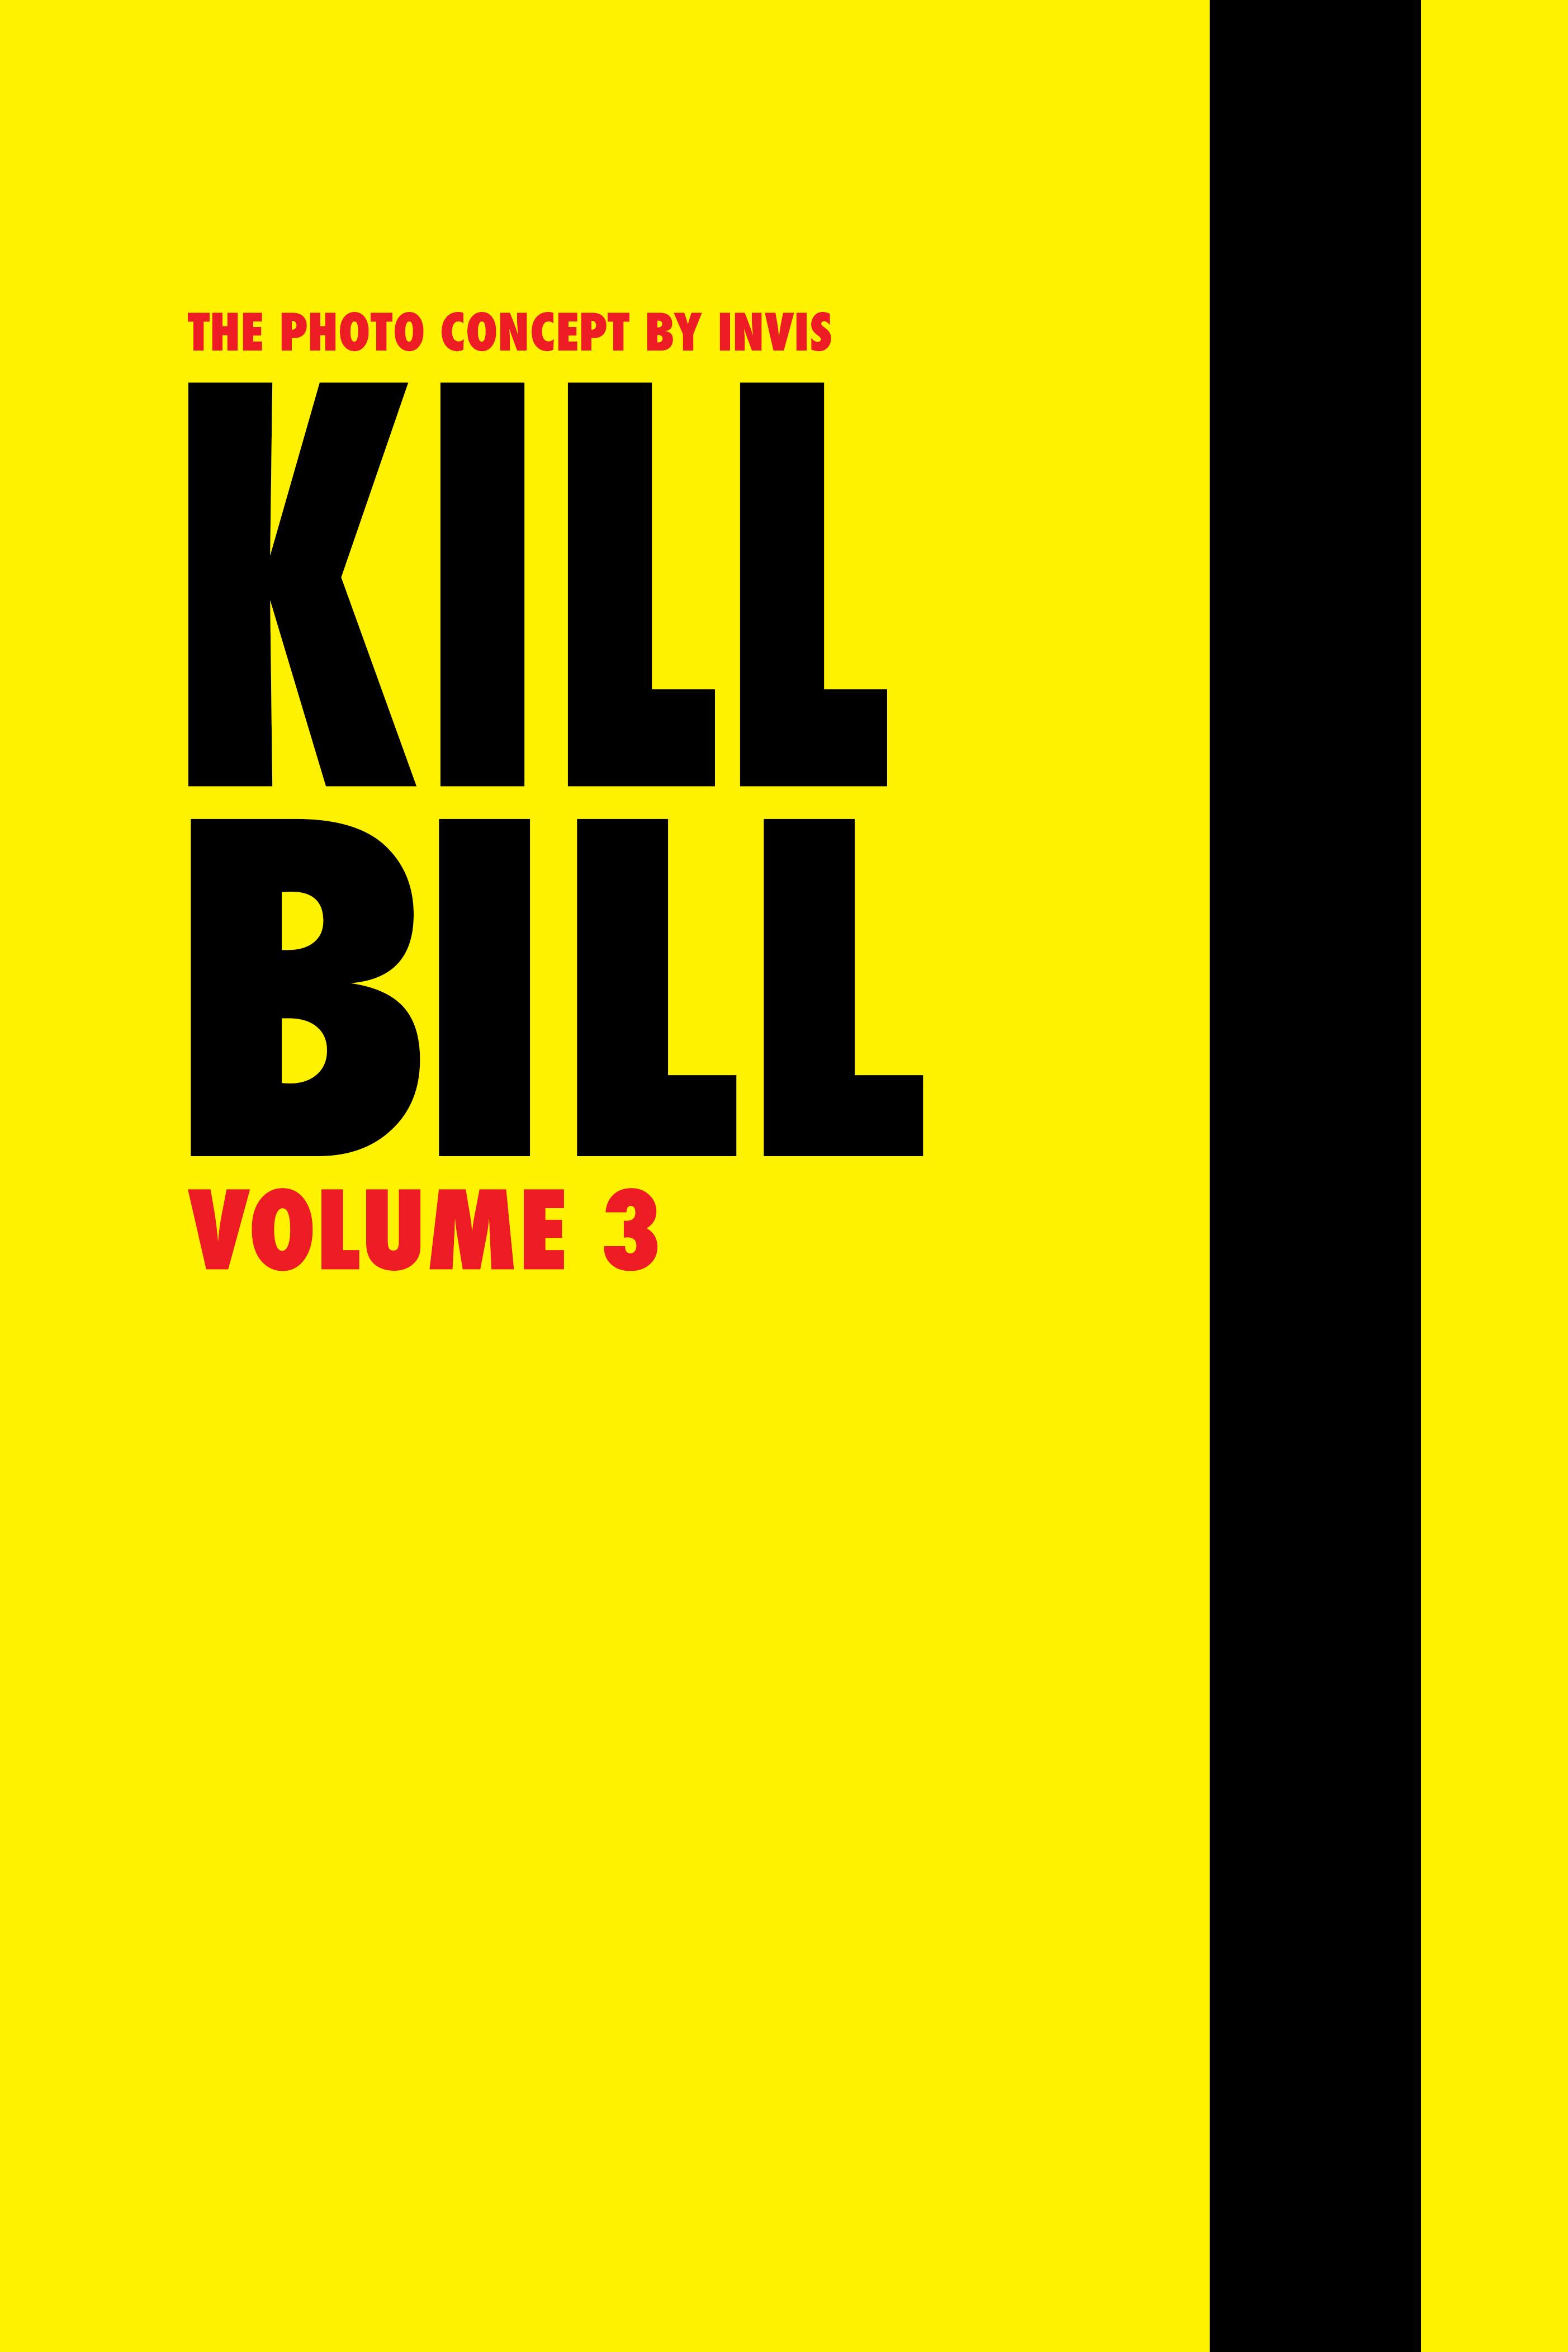 KILLBILLVOL3 -1